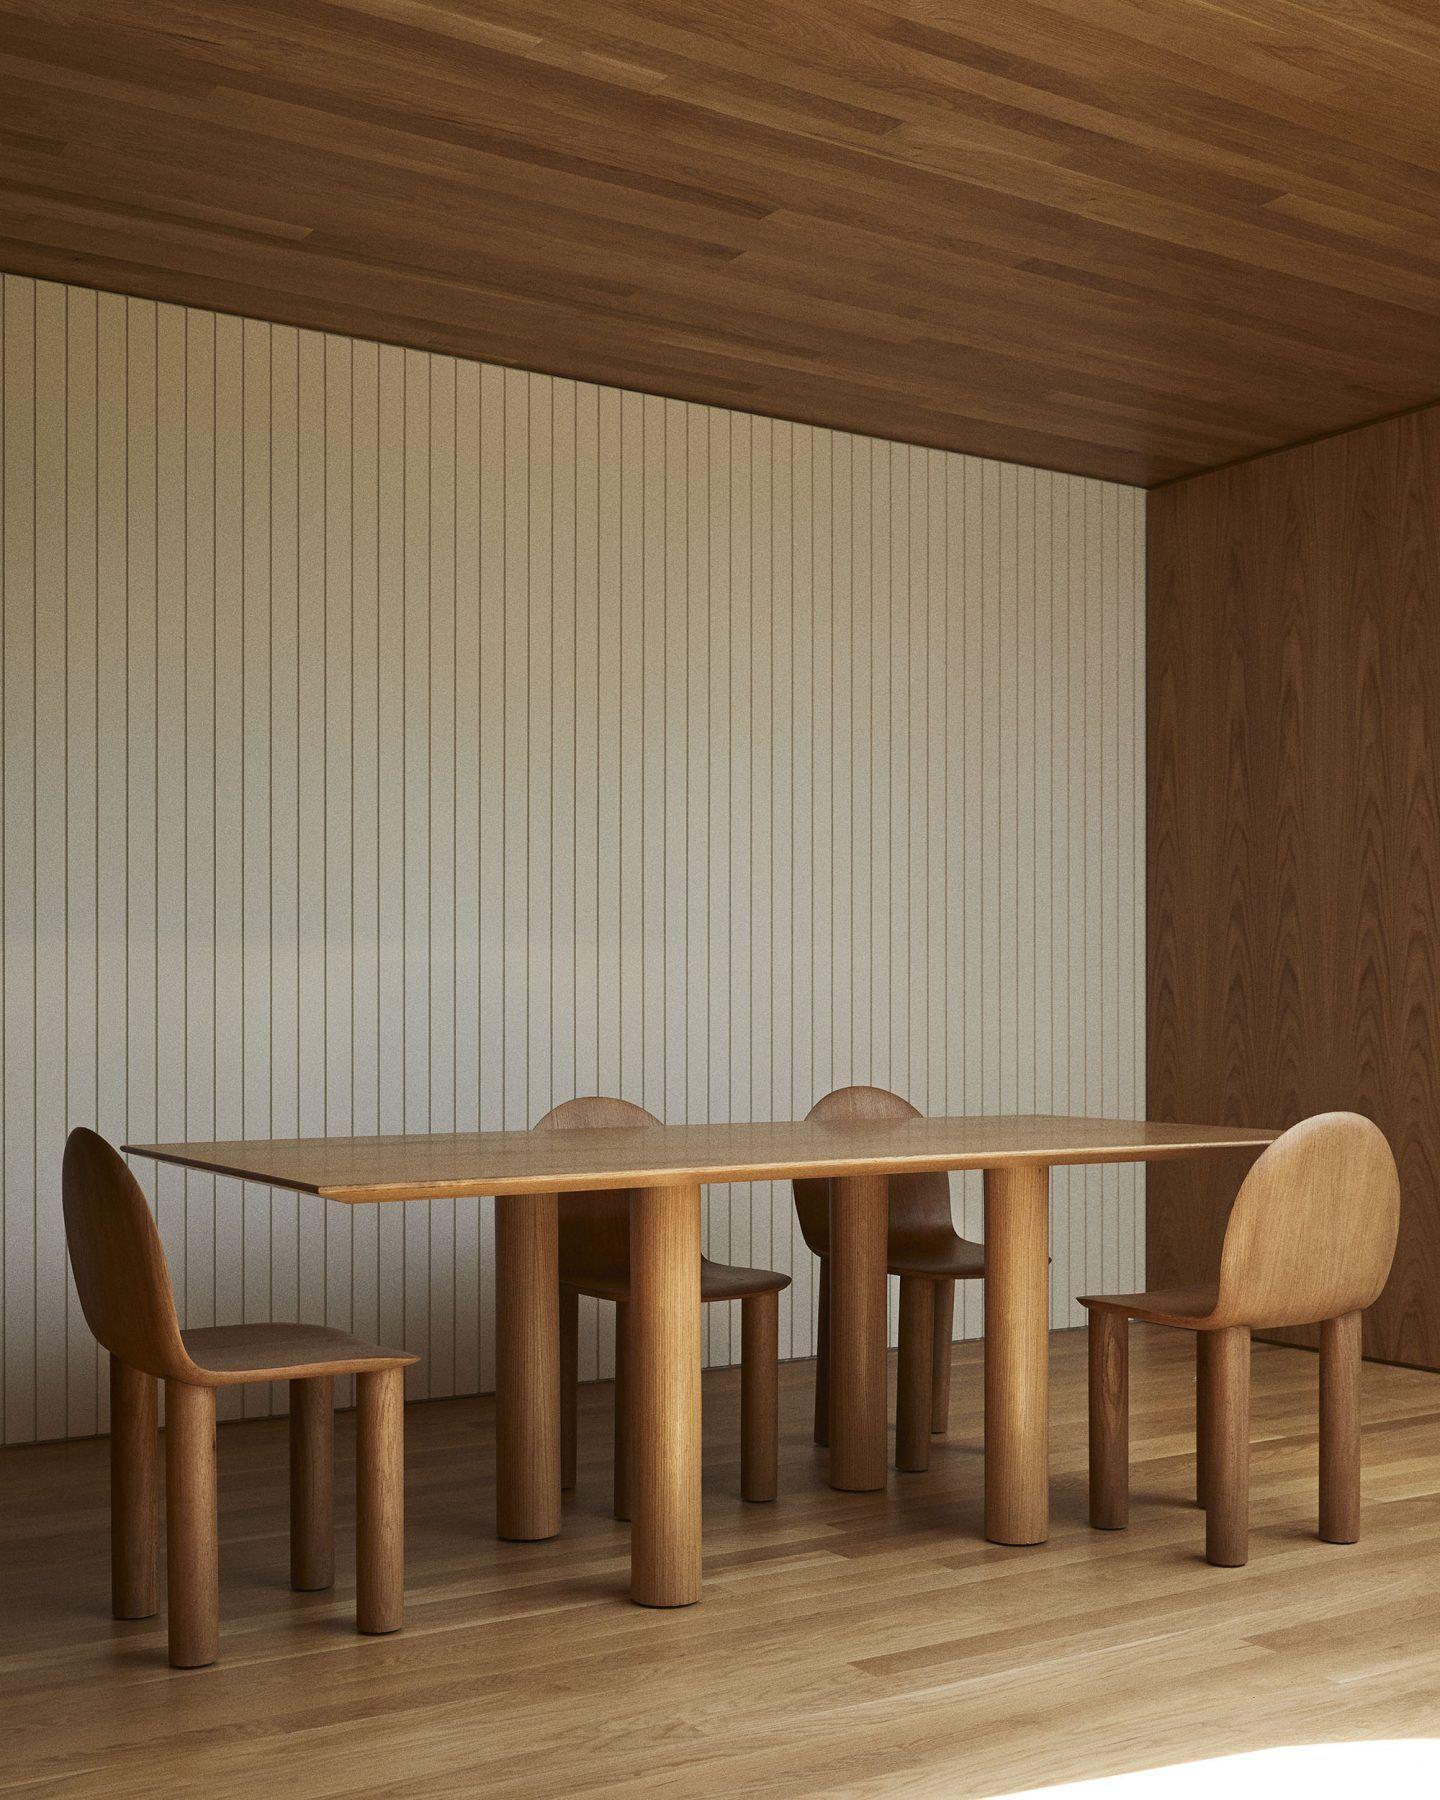 IGNANT-Design-Sarah-Ellison-Sol-017